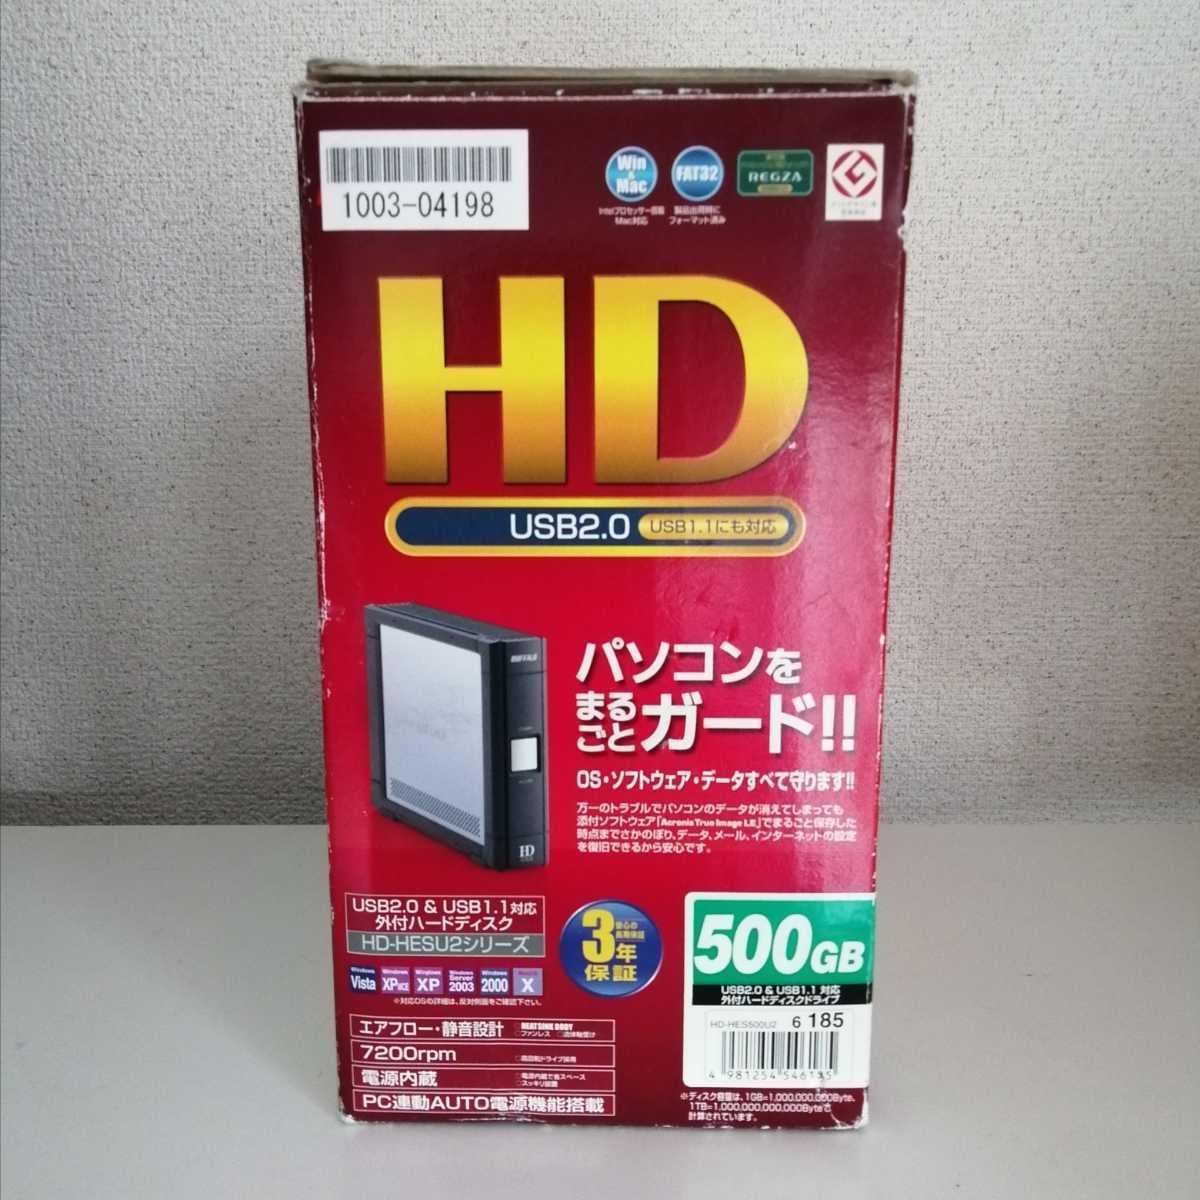 【訳あり】BUFFALO HD-HESU2 外付けハードディスク USB2.0 _画像7